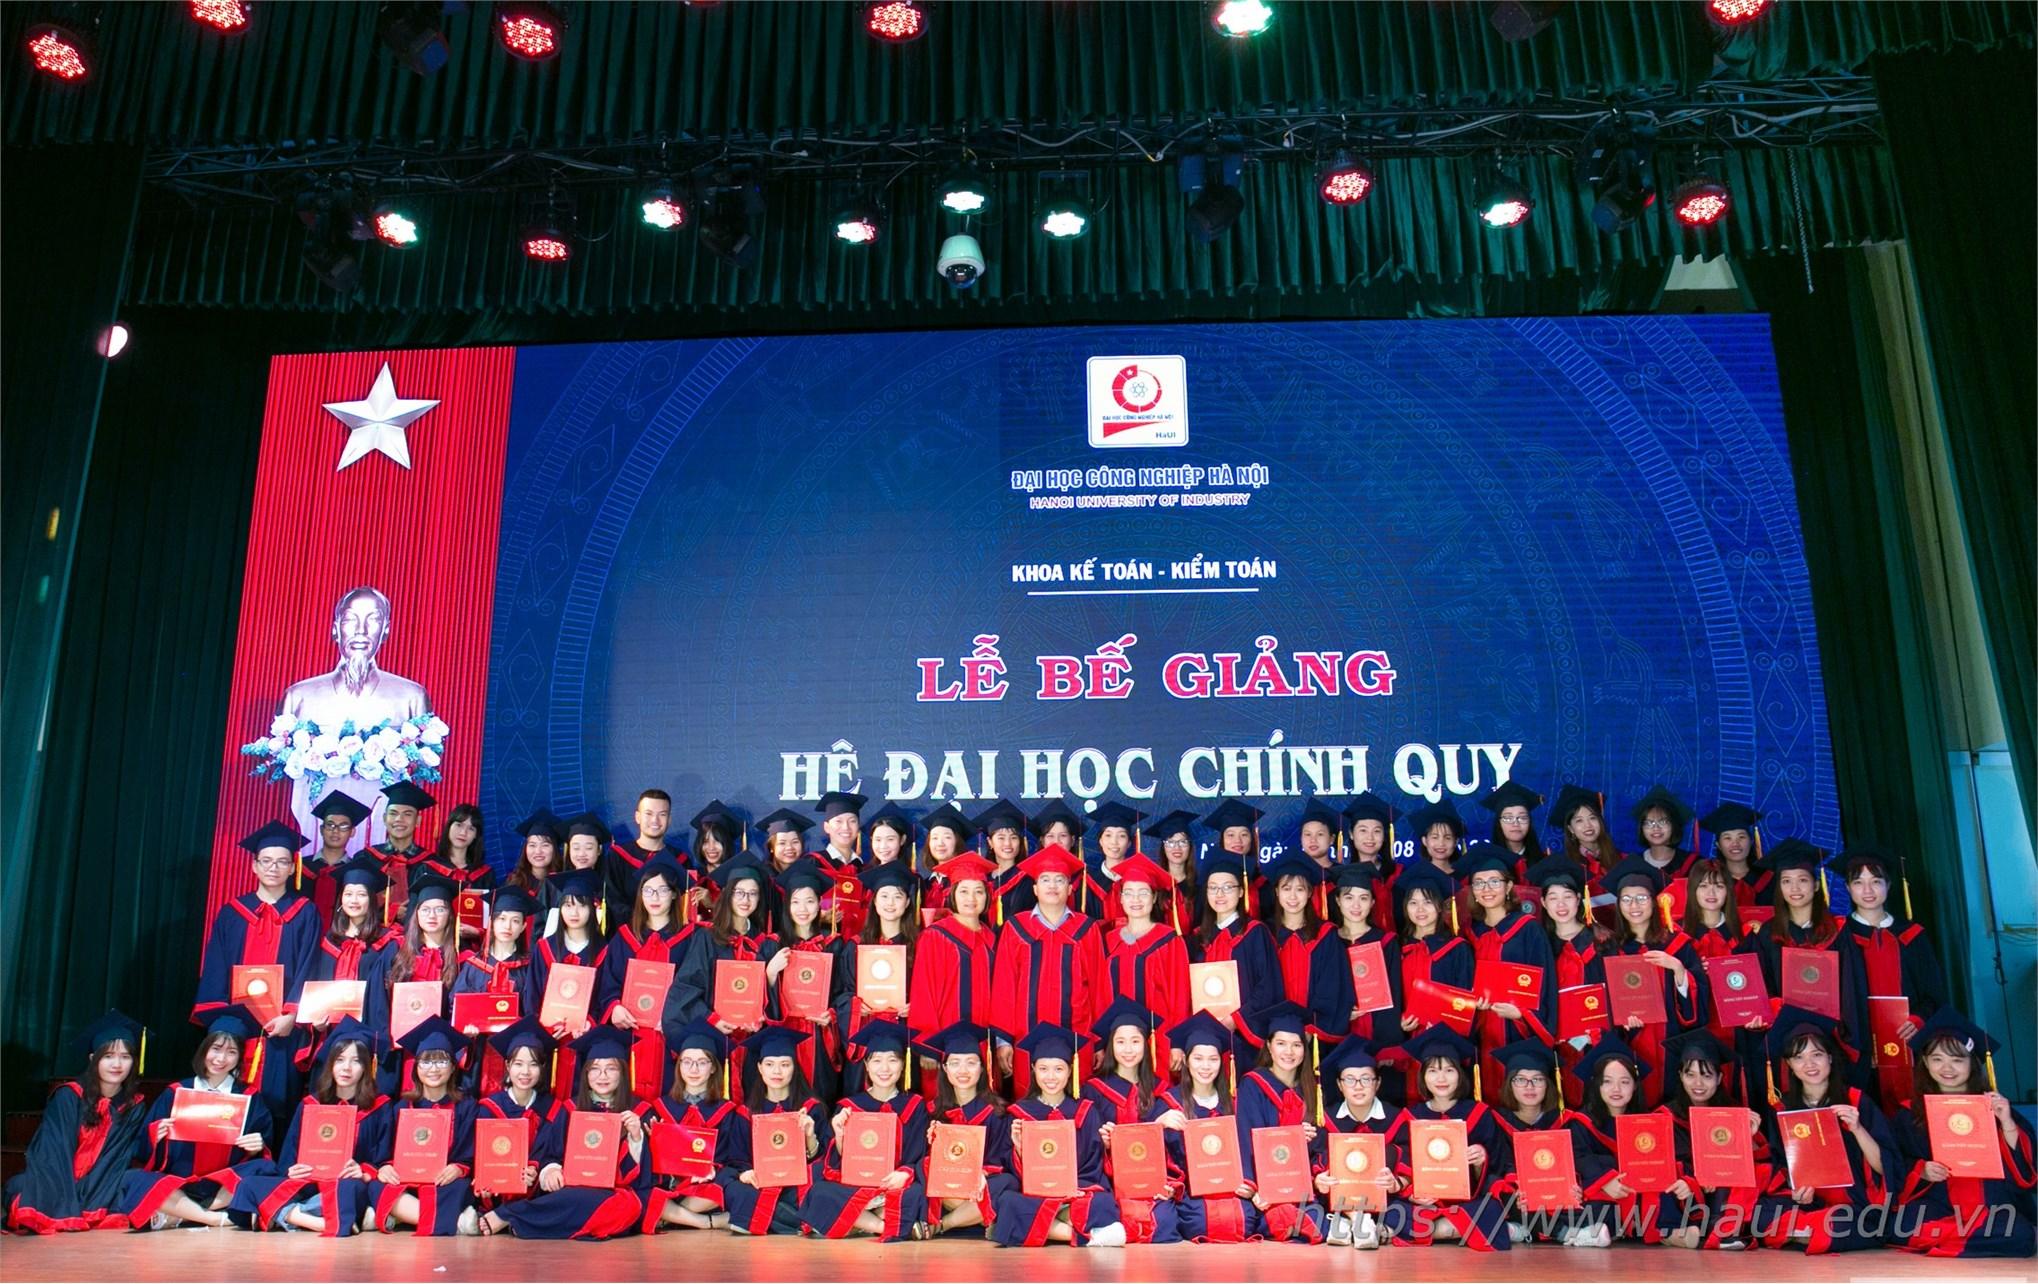 Lễ Bế giảng và trao bằng tốt nghiệp cử nhân cho sinh viên Đại học Công nghiệp Hà Nội năm 2019